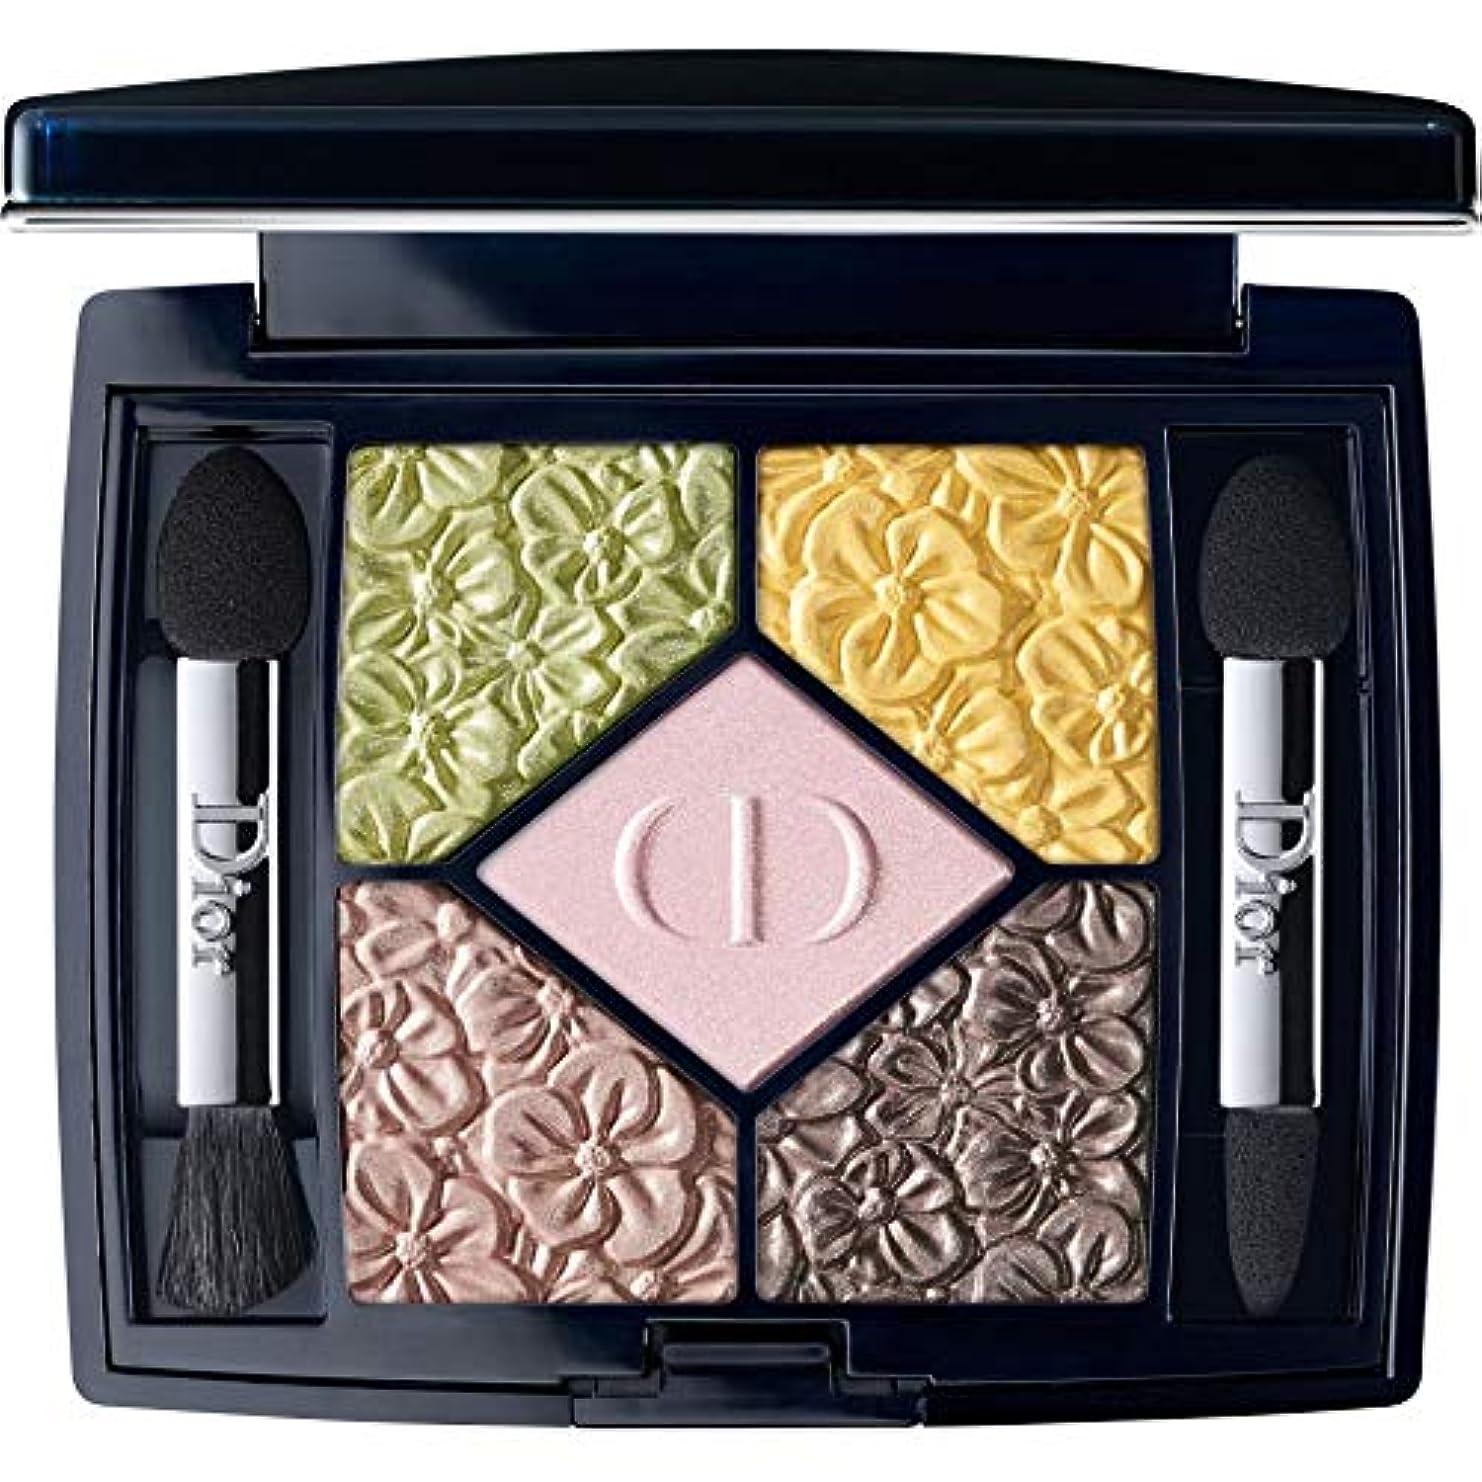 検索エンジンマーケティングもビュッフェ[Dior ] ディオールの庭園版クチュールカラー&エフェクトアイシャドウパレット4.5グラム451を輝く5 Couleursは - バラ園 - DIOR 5 Couleurs Glowing Gardens Edition...